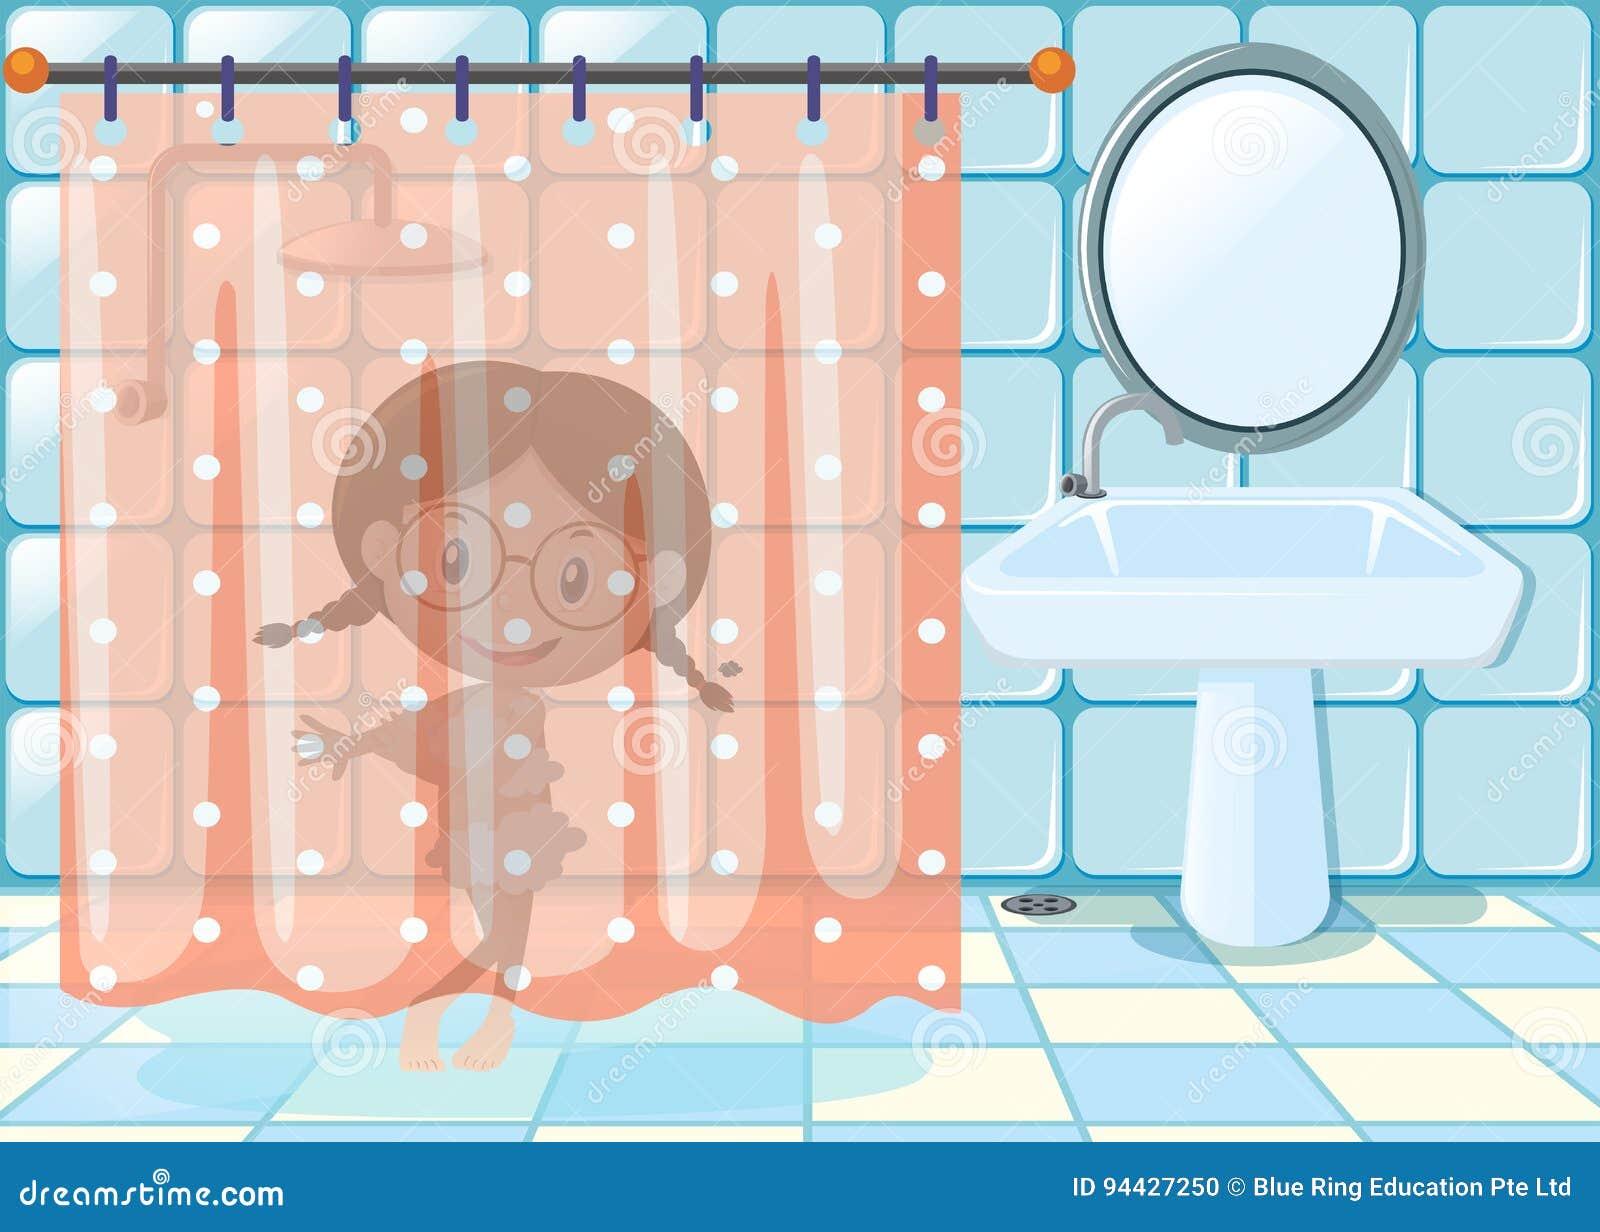 Little Girl Taking Shower In Bathroom Stock Vector